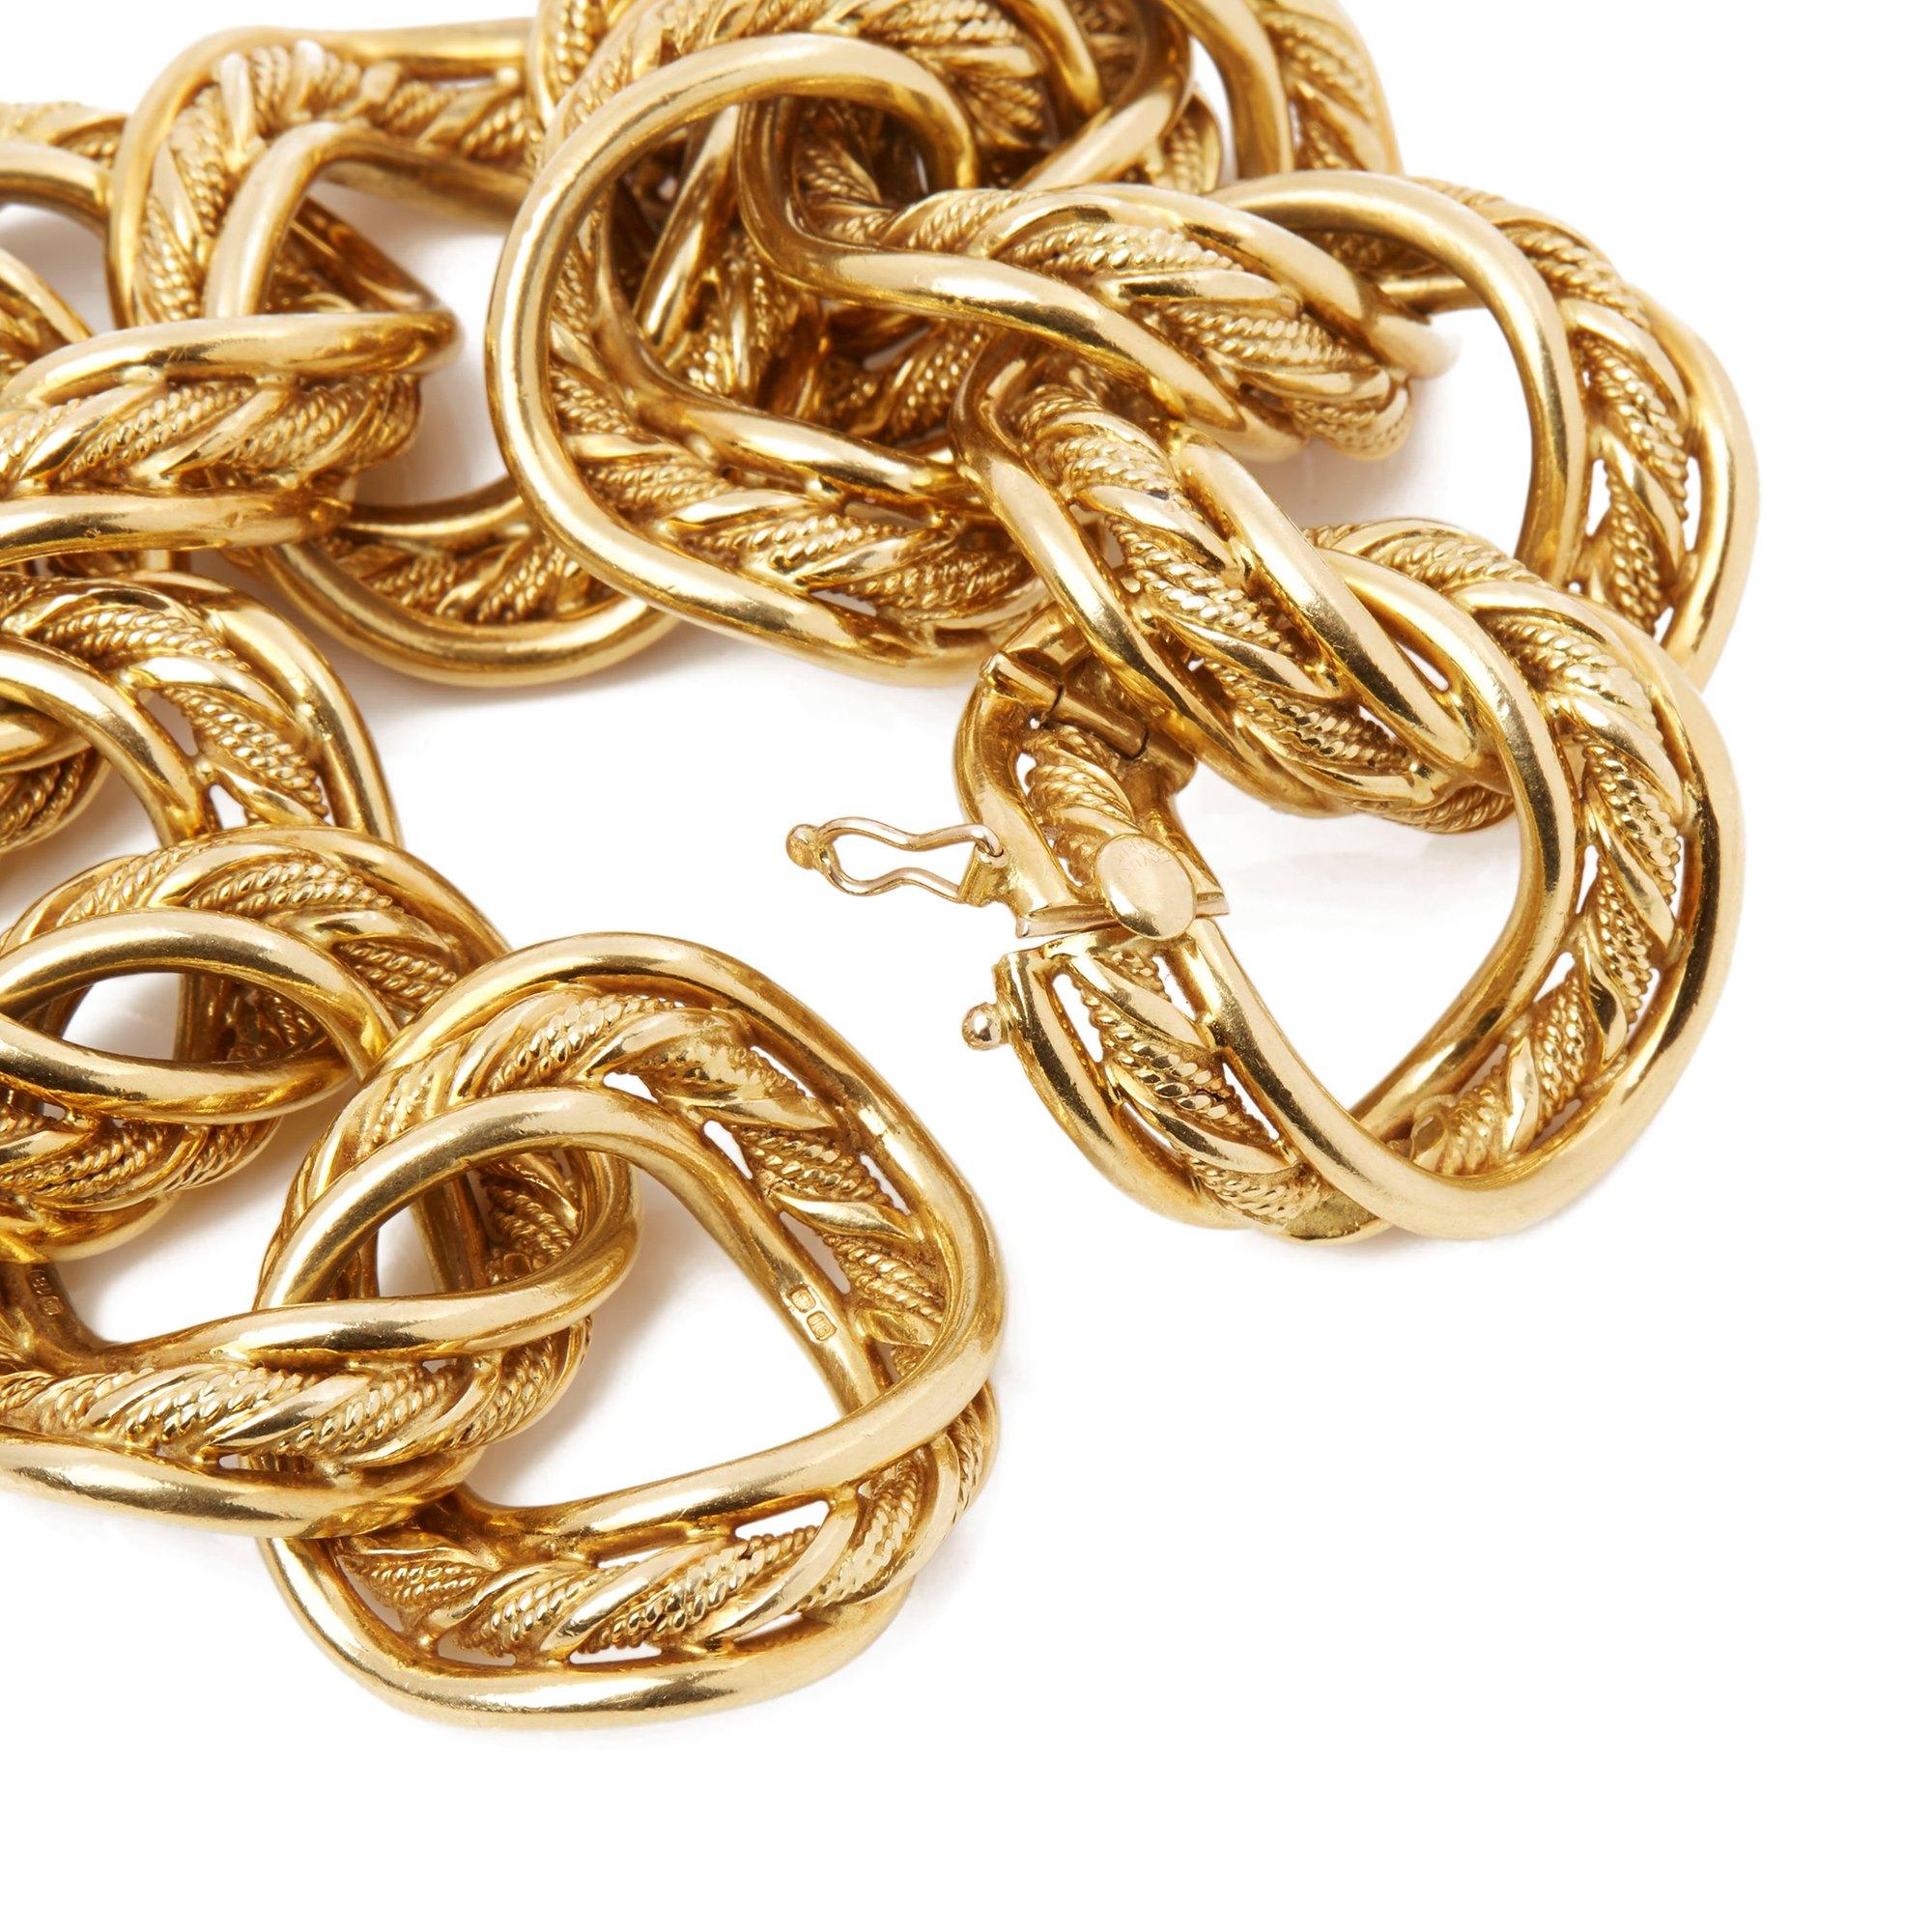 Kutchinsky 18k Yellow Gold 1960's Heavy Link Vintage Bracelet